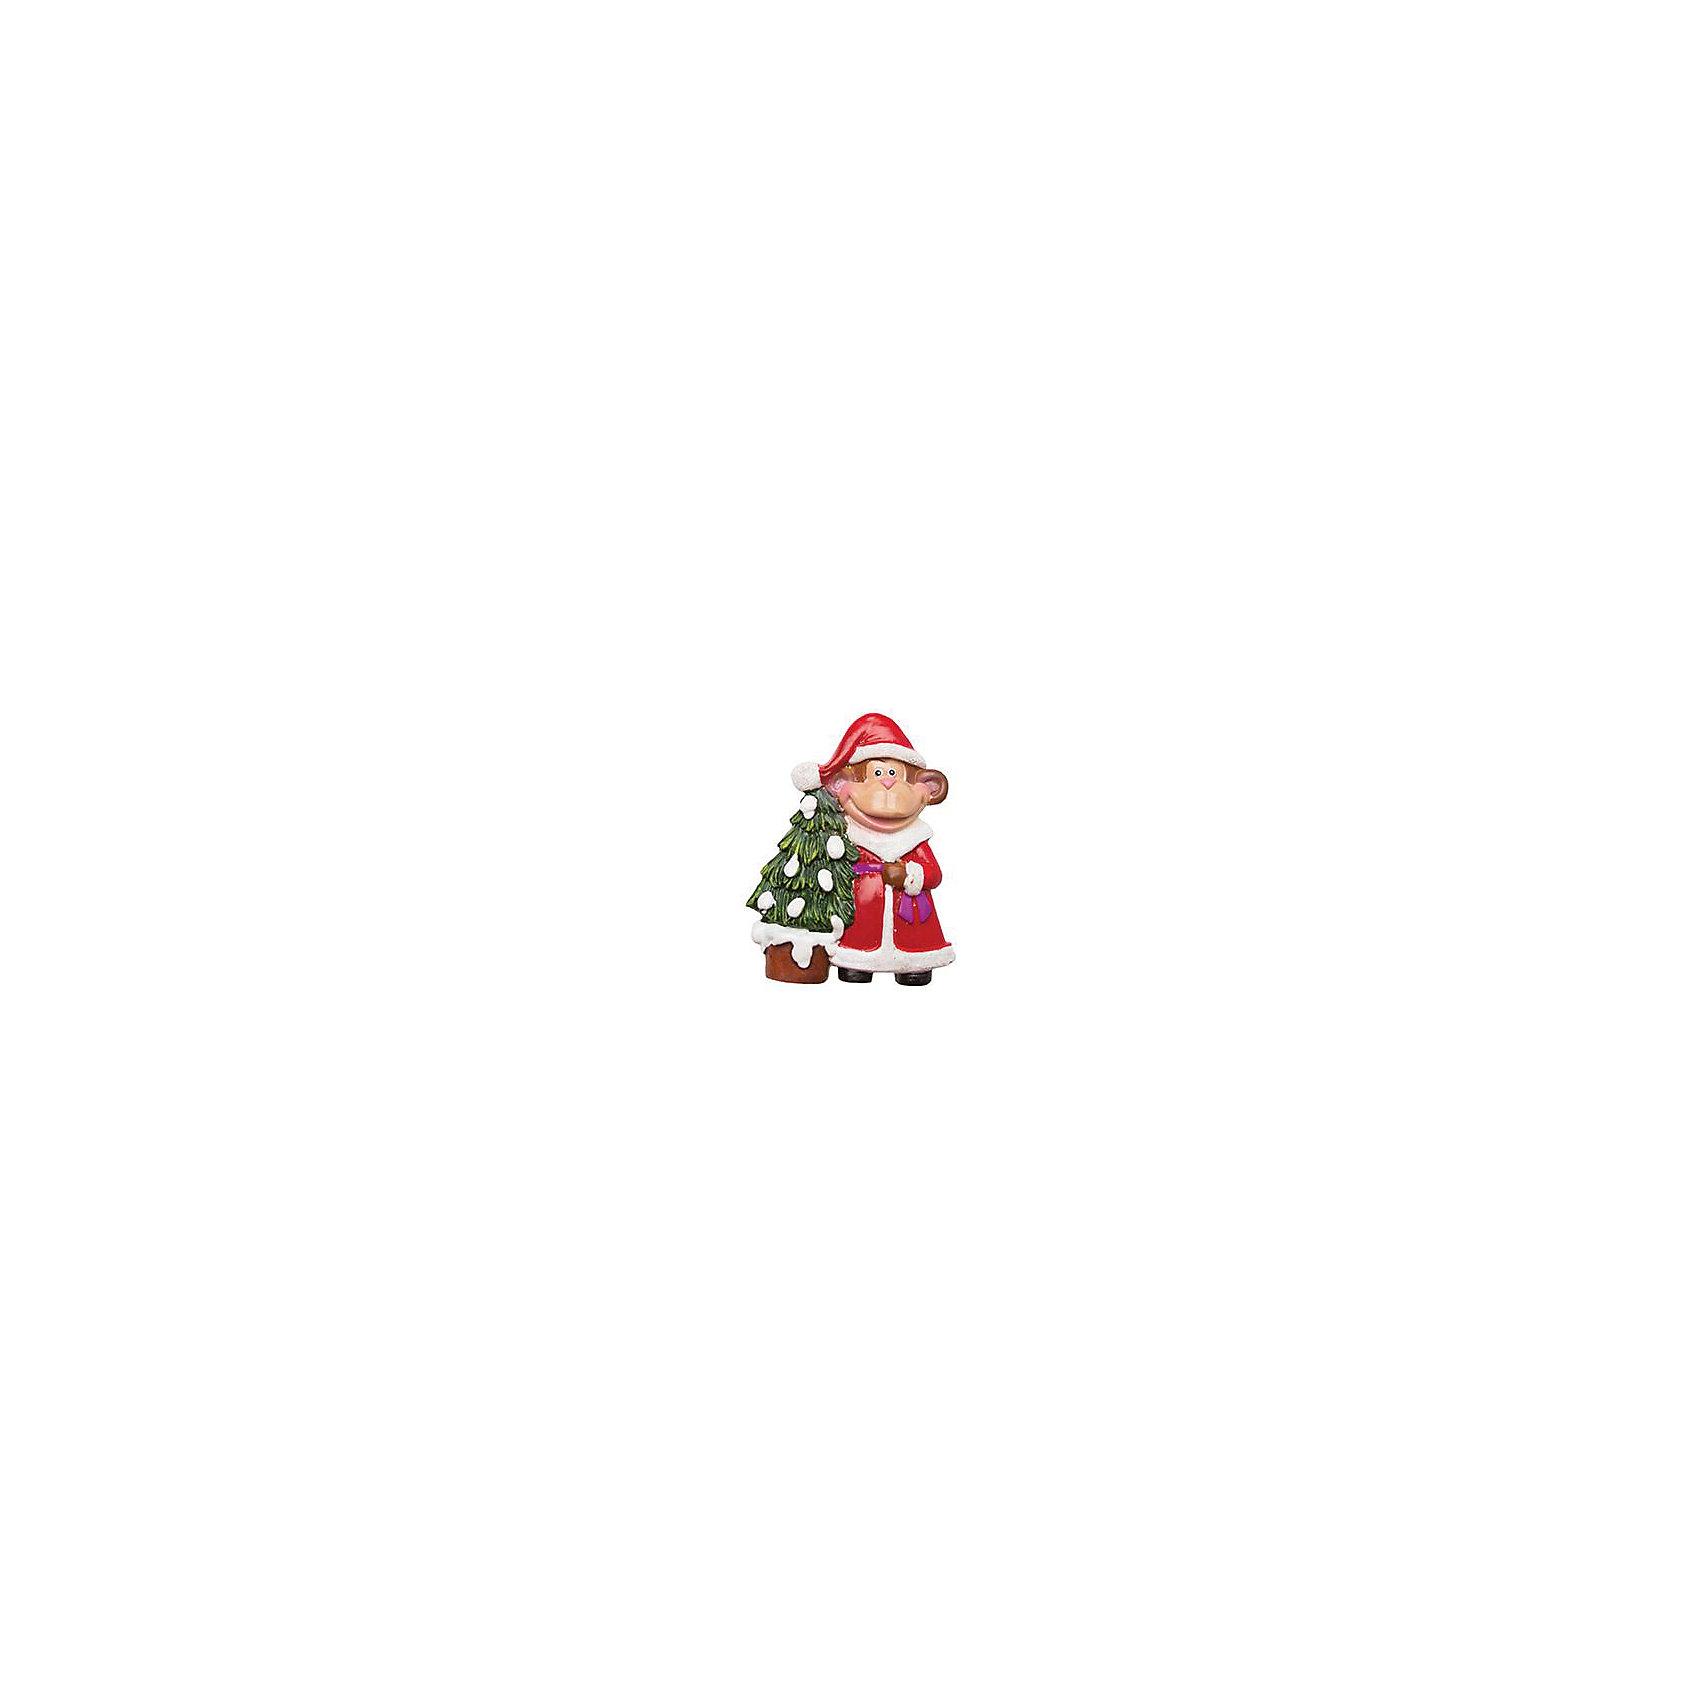 Магнит Обезьянка с пожеланиемМагнит Обезьянка с пожеланием – это замечательный и актуальный новогодний подарок для всех!<br>Магнит Обезьянка с пожеланием станет приятным сувениром для родных и друзей, а также прекрасным украшением любой плоской металлической поверхности в доме. Забавная обезьянка представлена в образе Деда Мороза, сзади у фигурки имеется магнитное крепление. Обезьянка - символ 2016 года принесет Вам удачу и поднимет настроение.<br><br>Дополнительная информация:<br><br>- Размер: 7,2 см.<br>- Материал: полистоун<br><br>Магнит Обезьянка с пожеланием можно купить в нашем интернет-магазине.<br><br>Ширина мм: 100<br>Глубина мм: 10<br>Высота мм: 100<br>Вес г: 295<br>Возраст от месяцев: 36<br>Возраст до месяцев: 2147483647<br>Пол: Унисекс<br>Возраст: Детский<br>SKU: 4418948